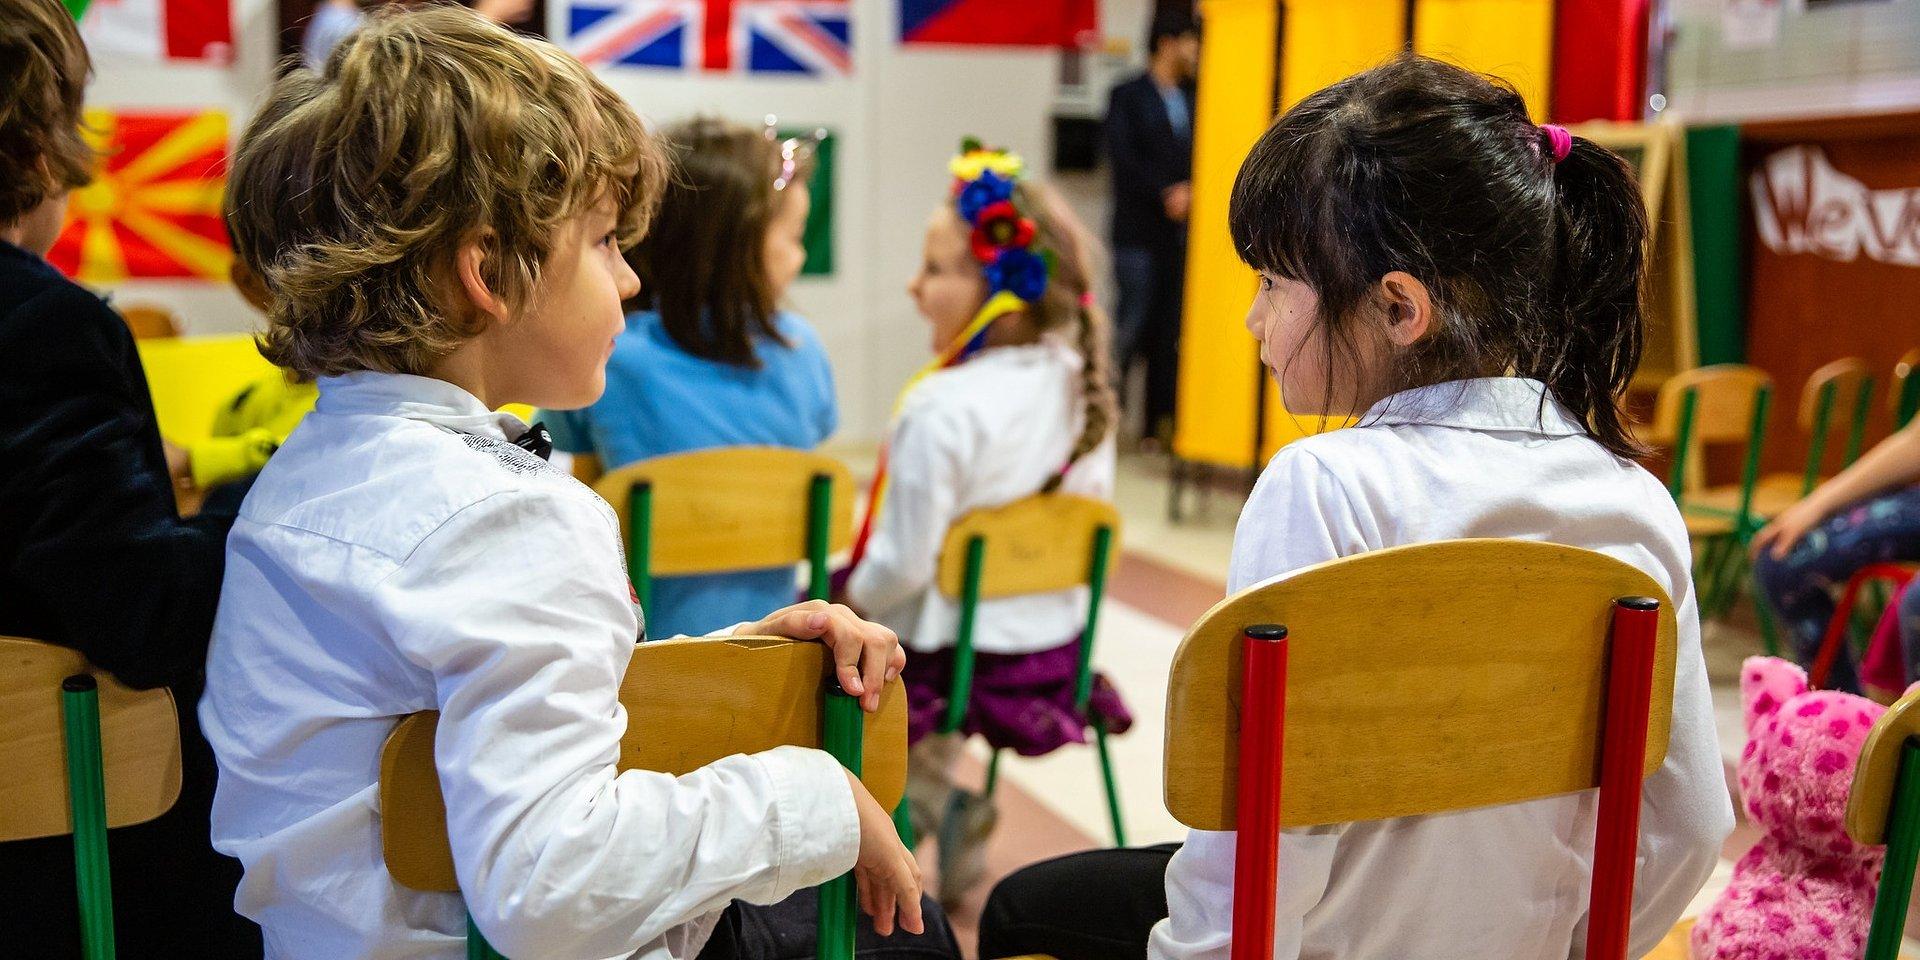 BISUL – Twoje dziecko zasługuje na najlepsze kształcenie